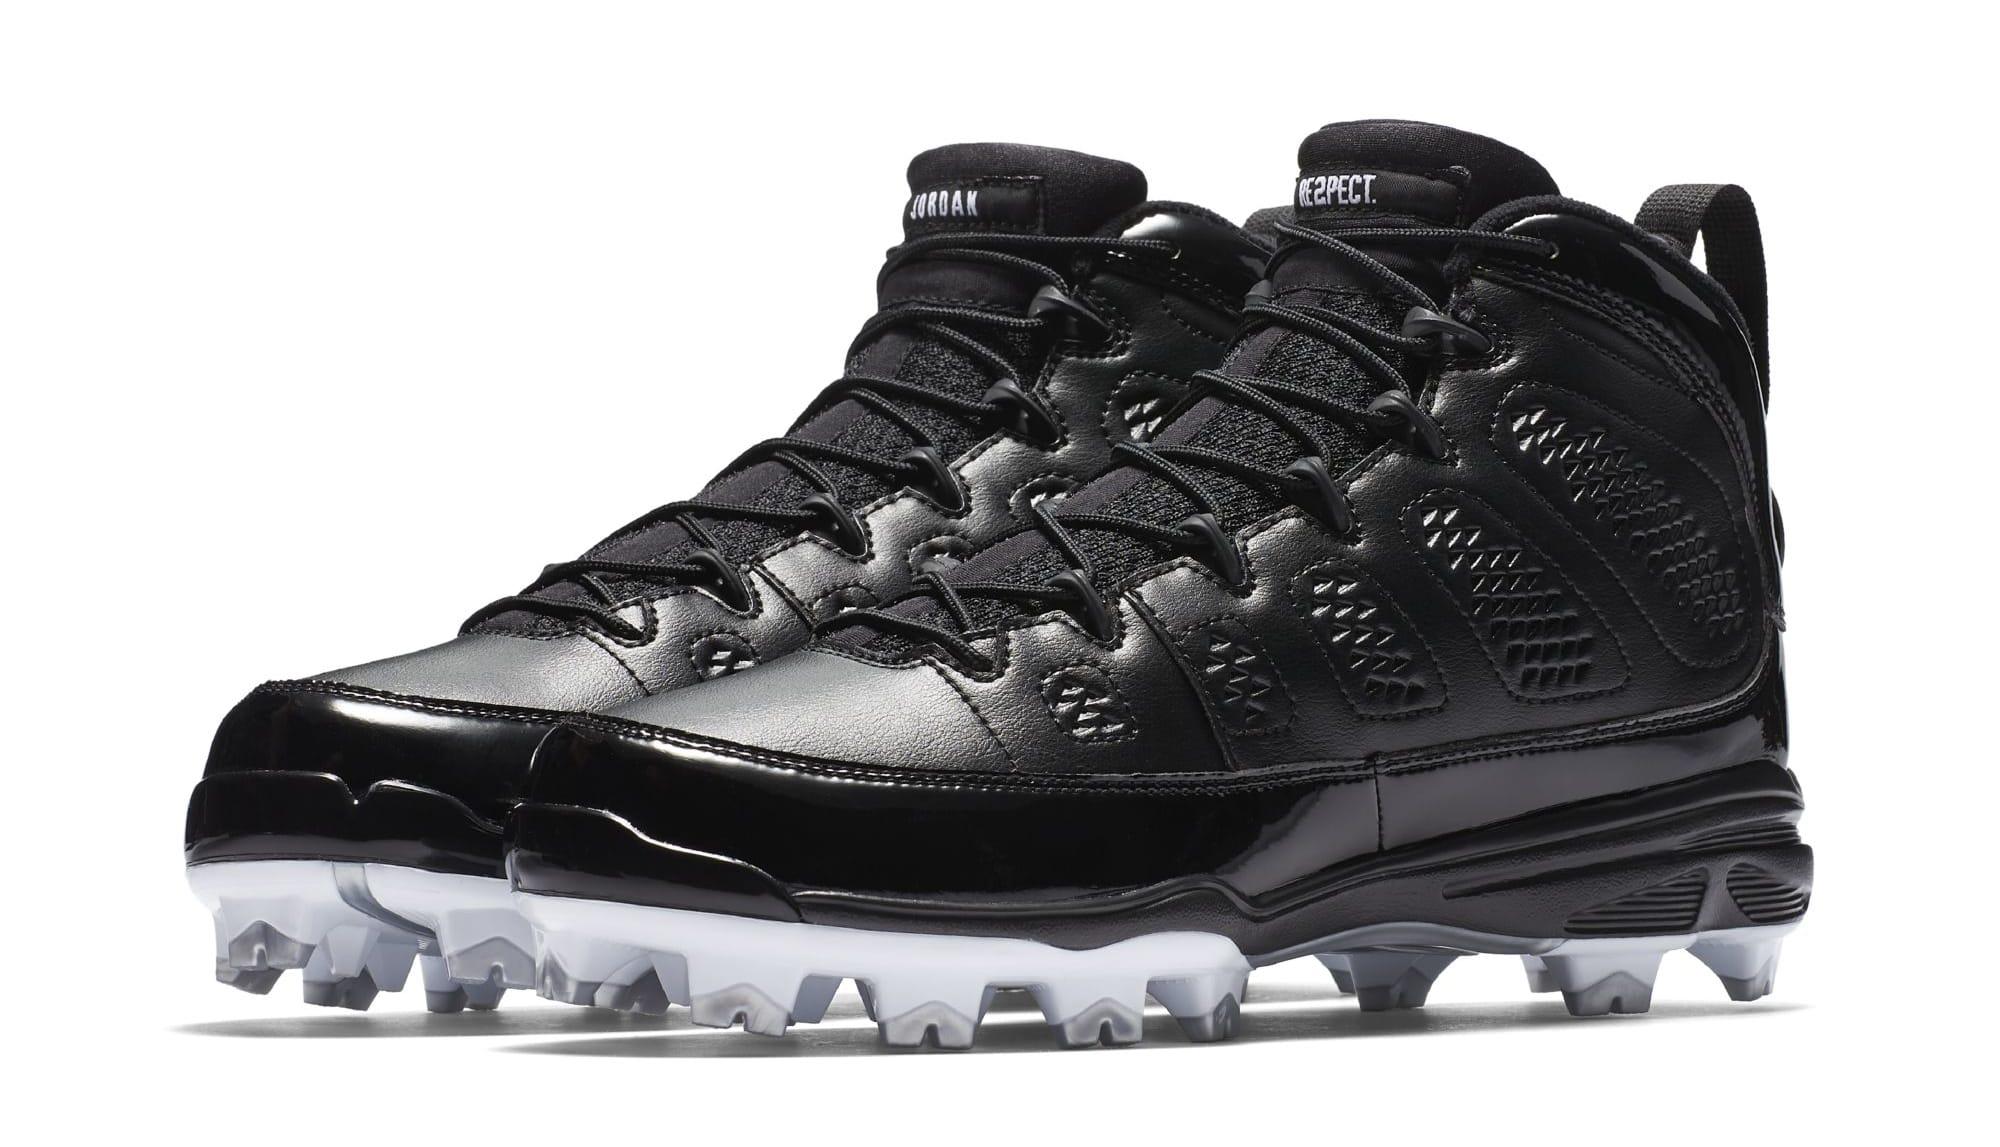 Air Jordan 9 IX MCS Baseball Cleats Black